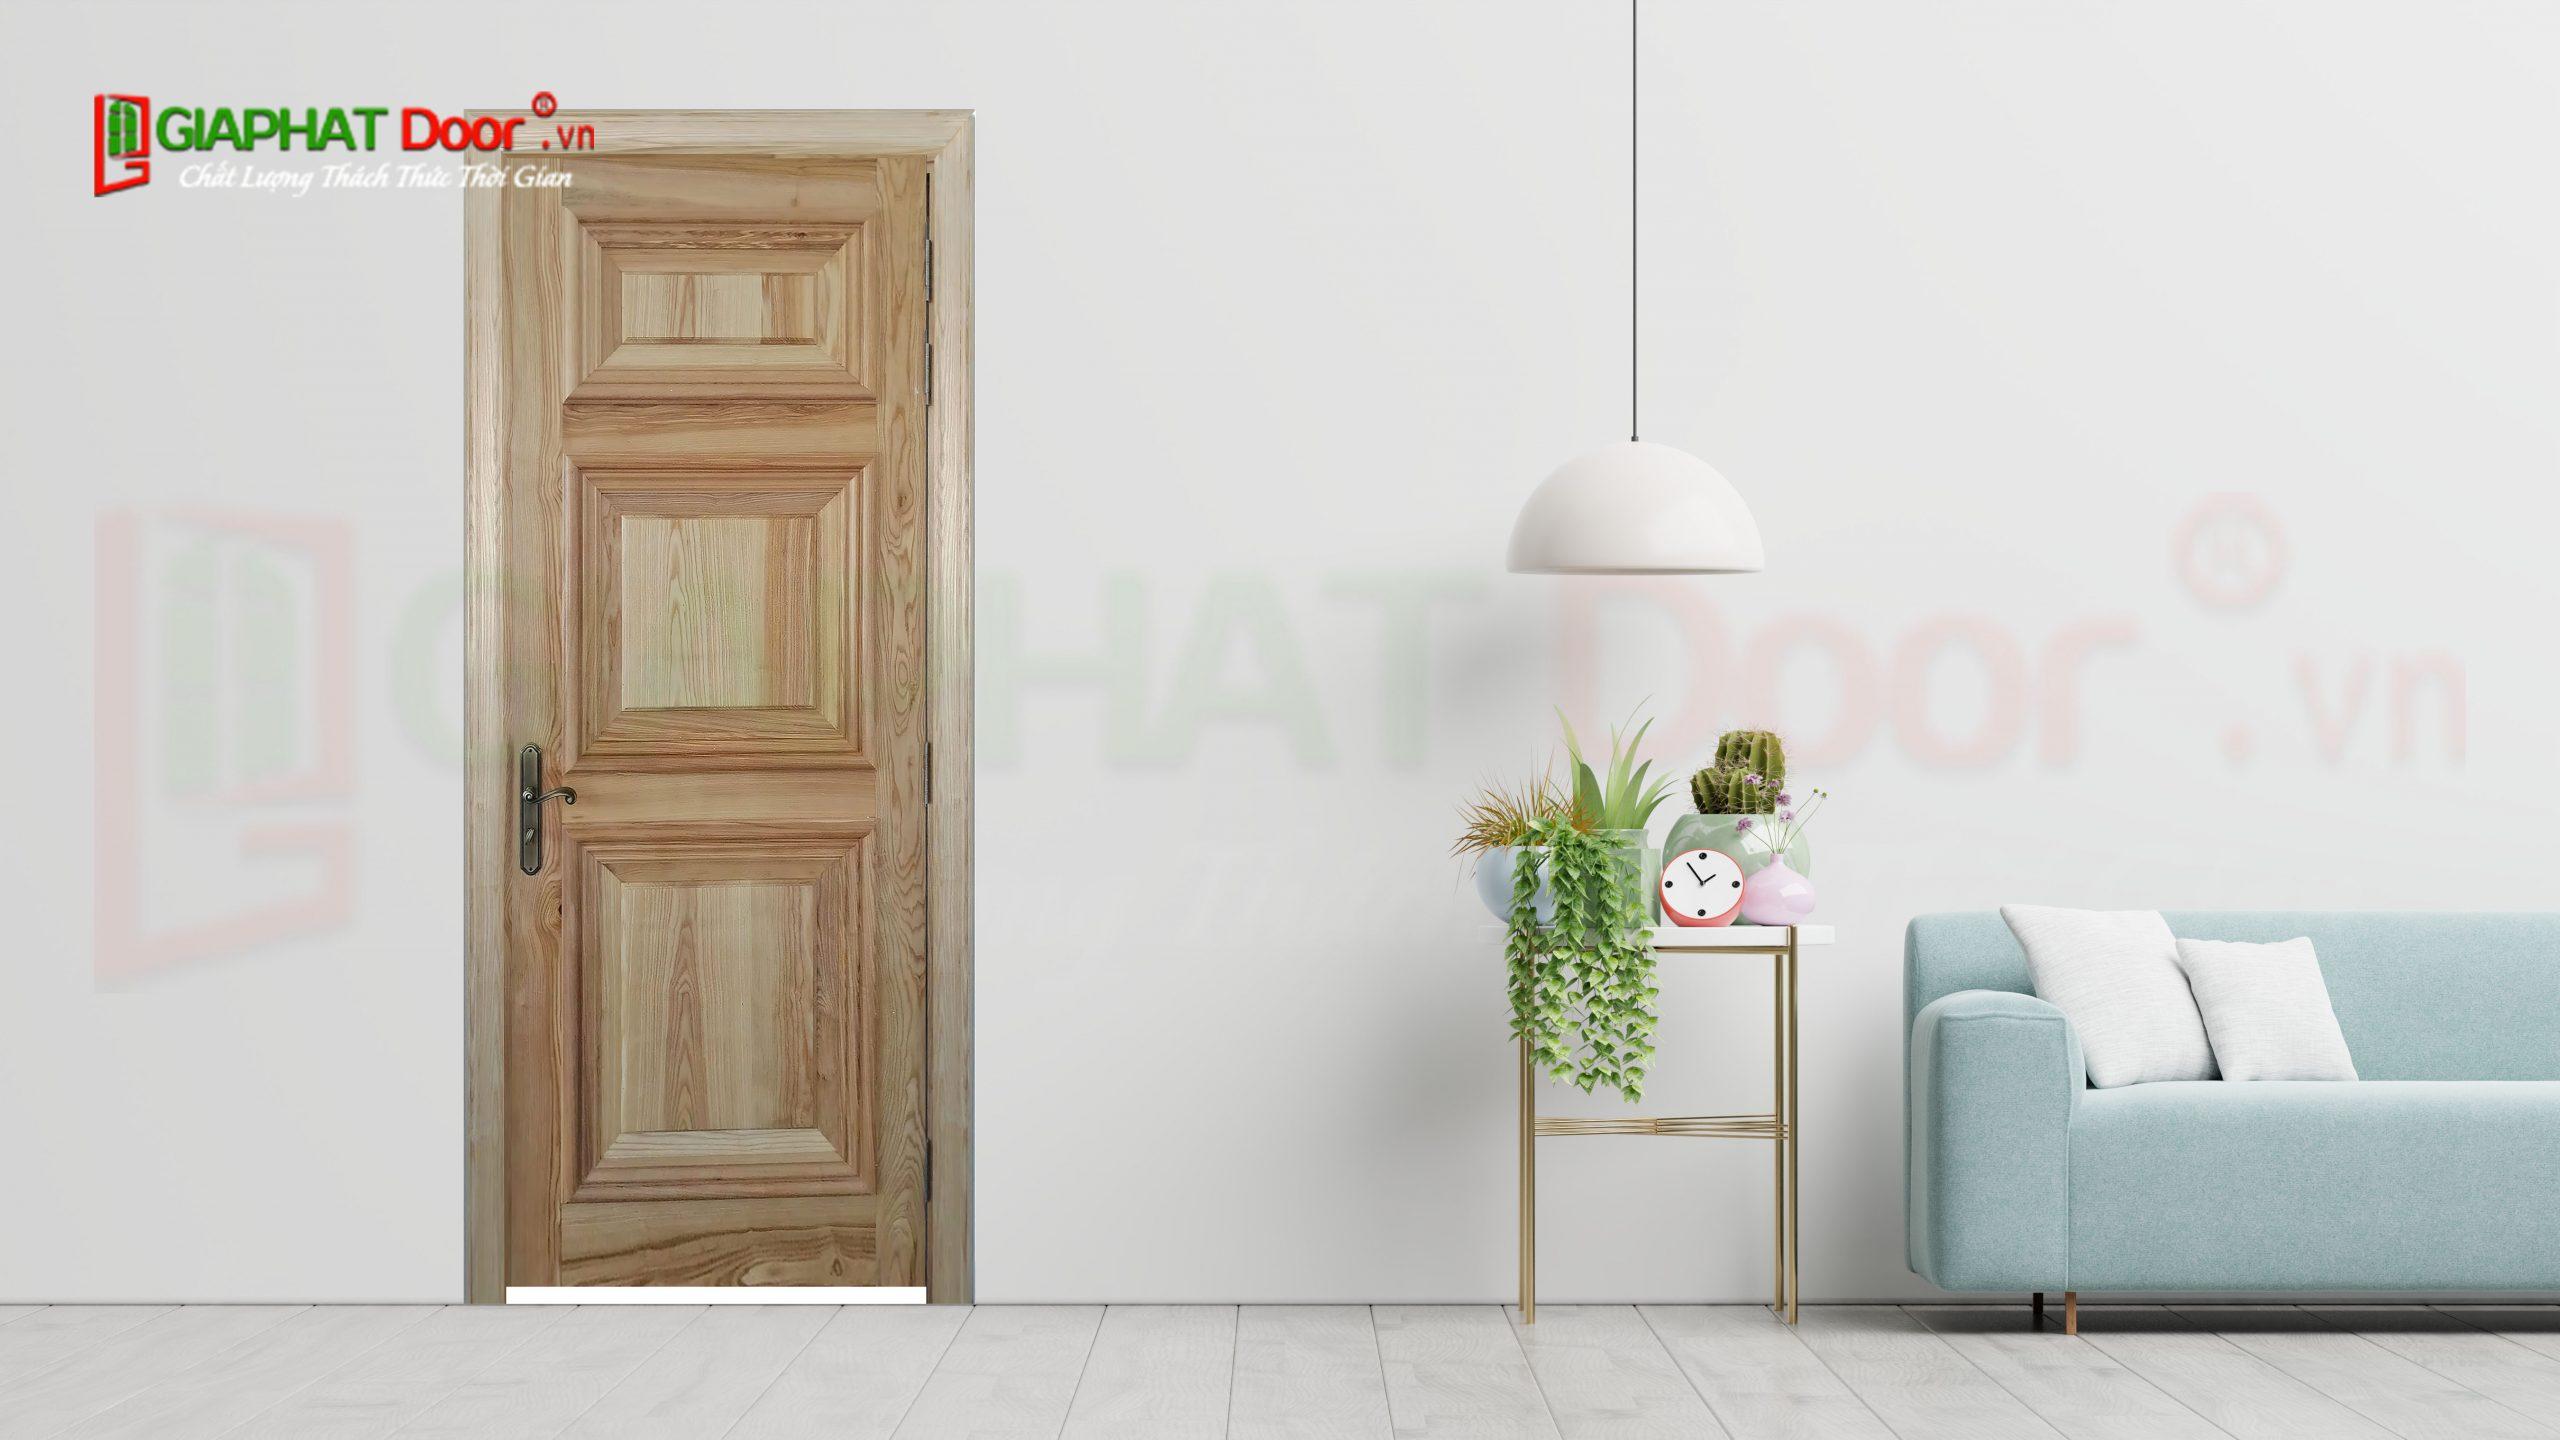 Mẫu cửa với phong cách thiết kế cổ điển